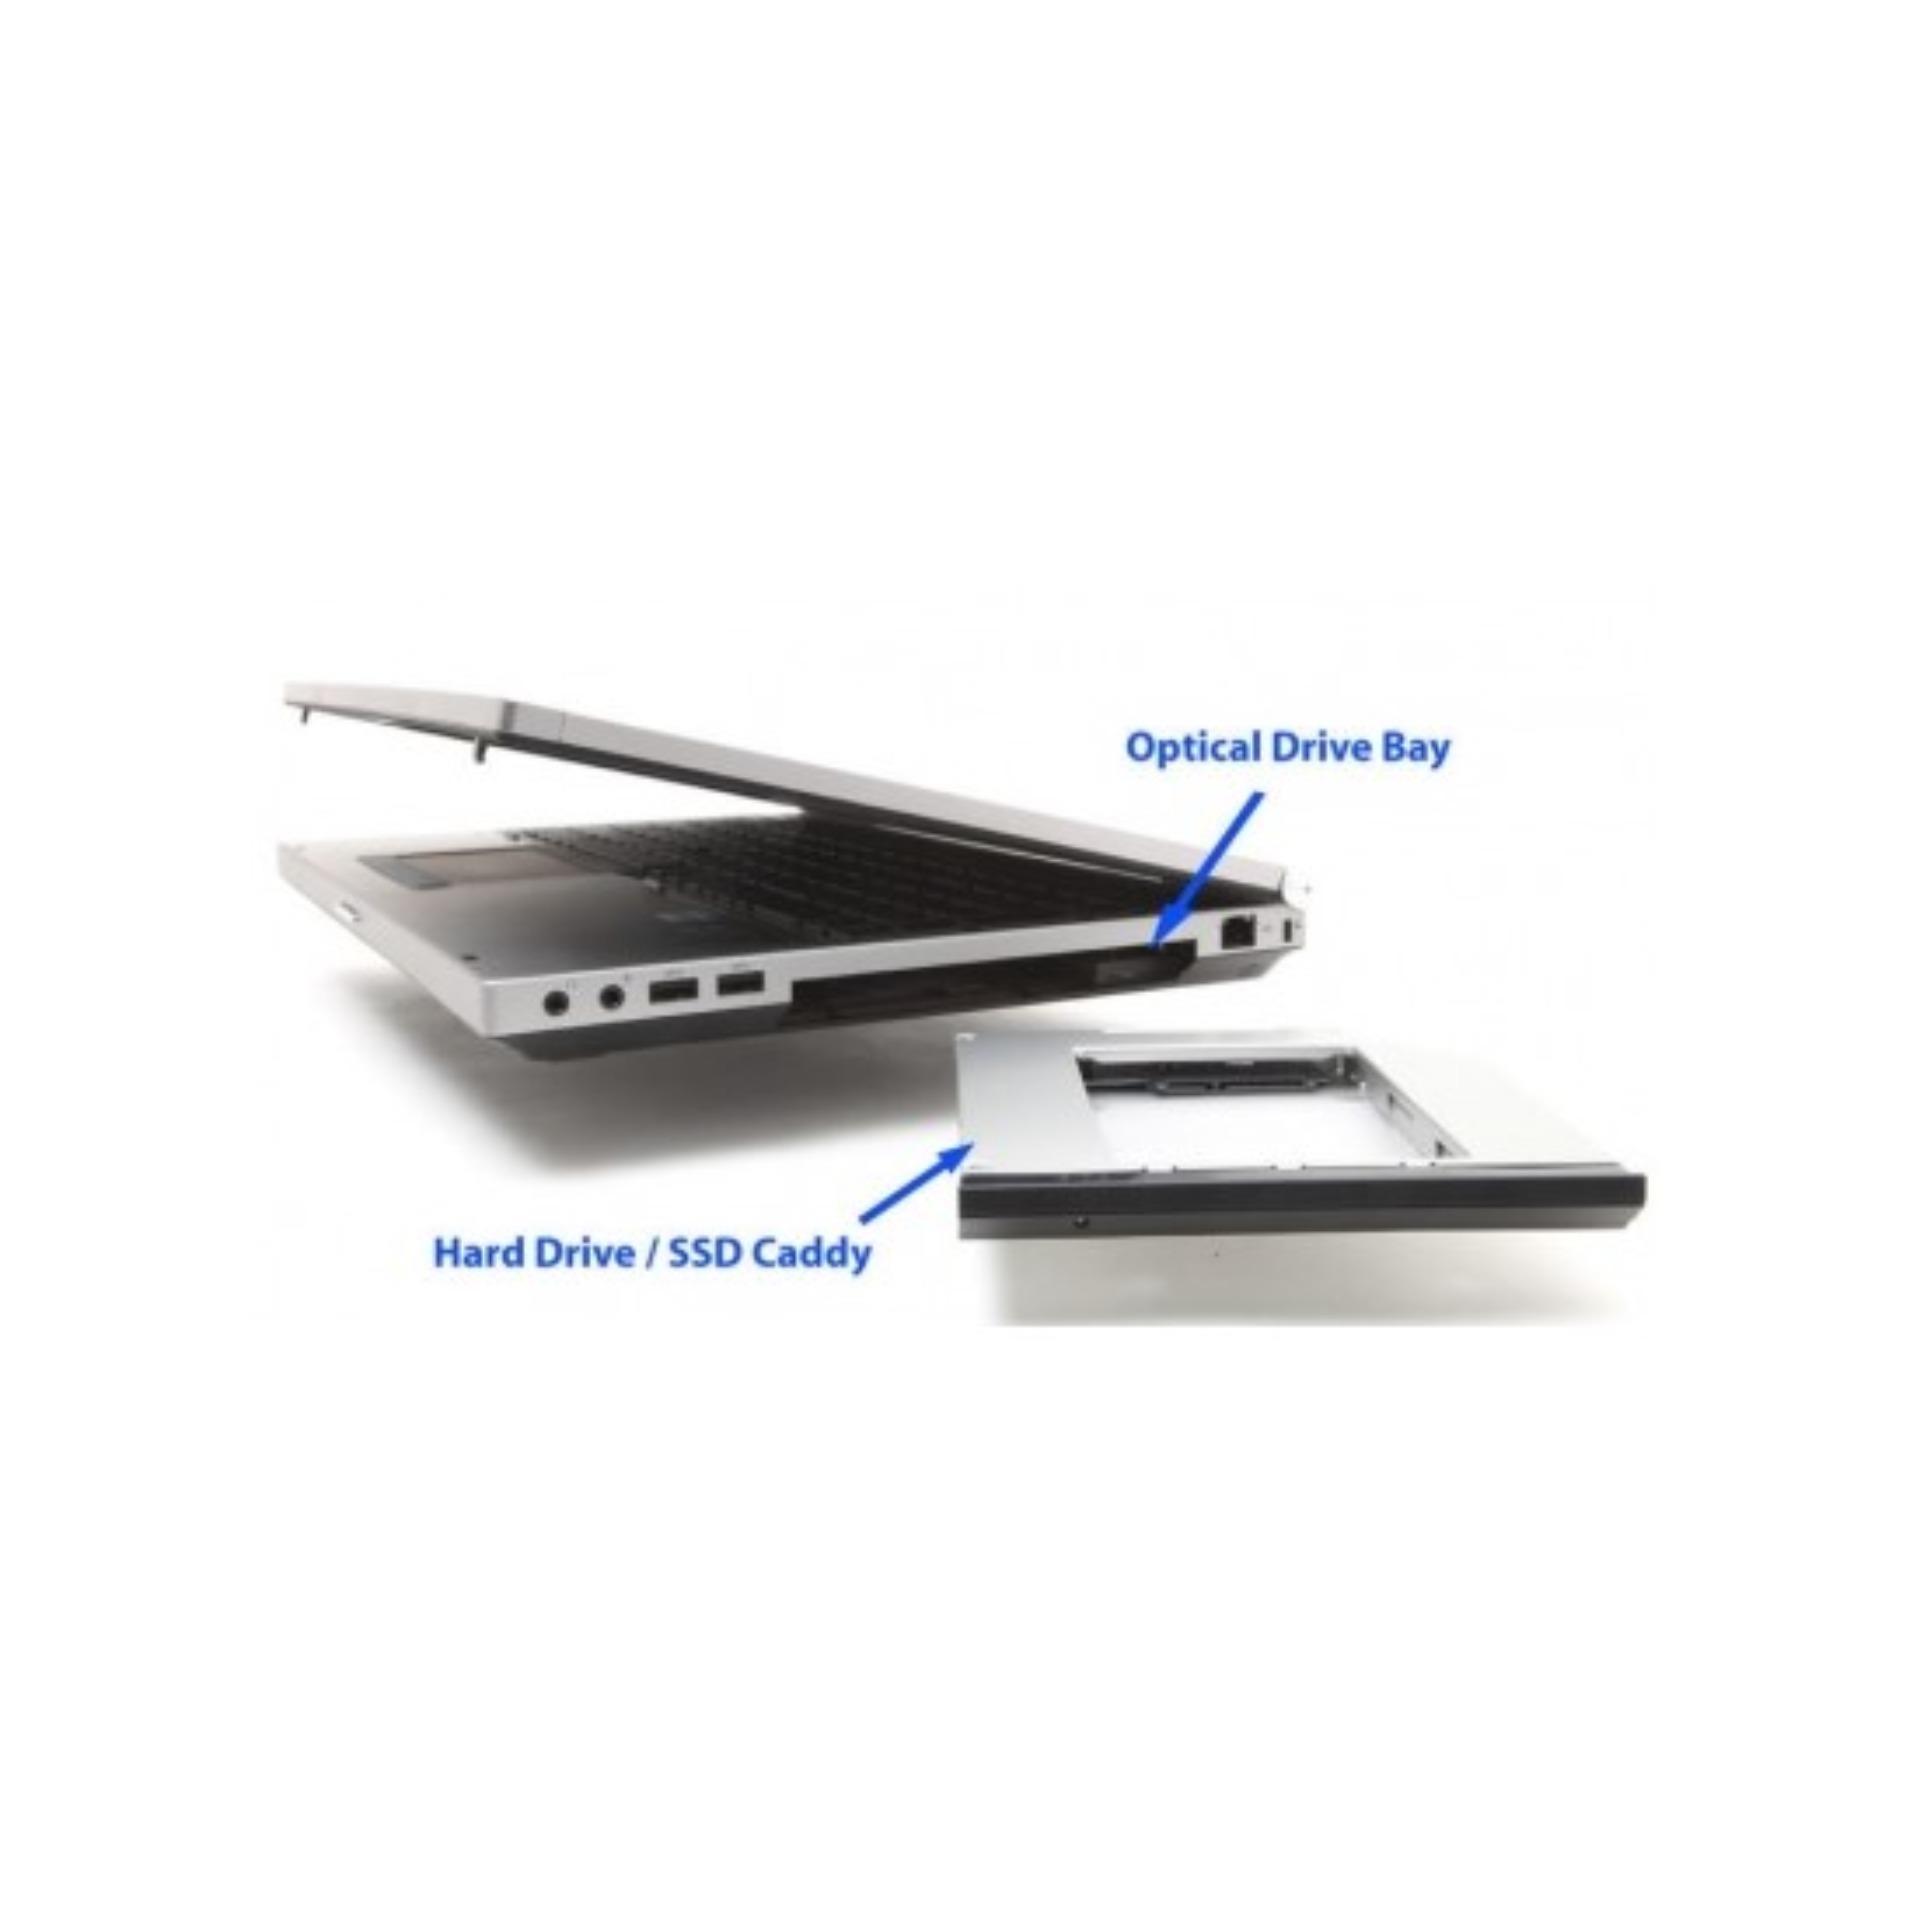 Caddy Bay SATA 3.0 12.5mm gắn thêm ổ cứng HDD SSD cho Laptop qua cổng DVD - Tặng Tovit